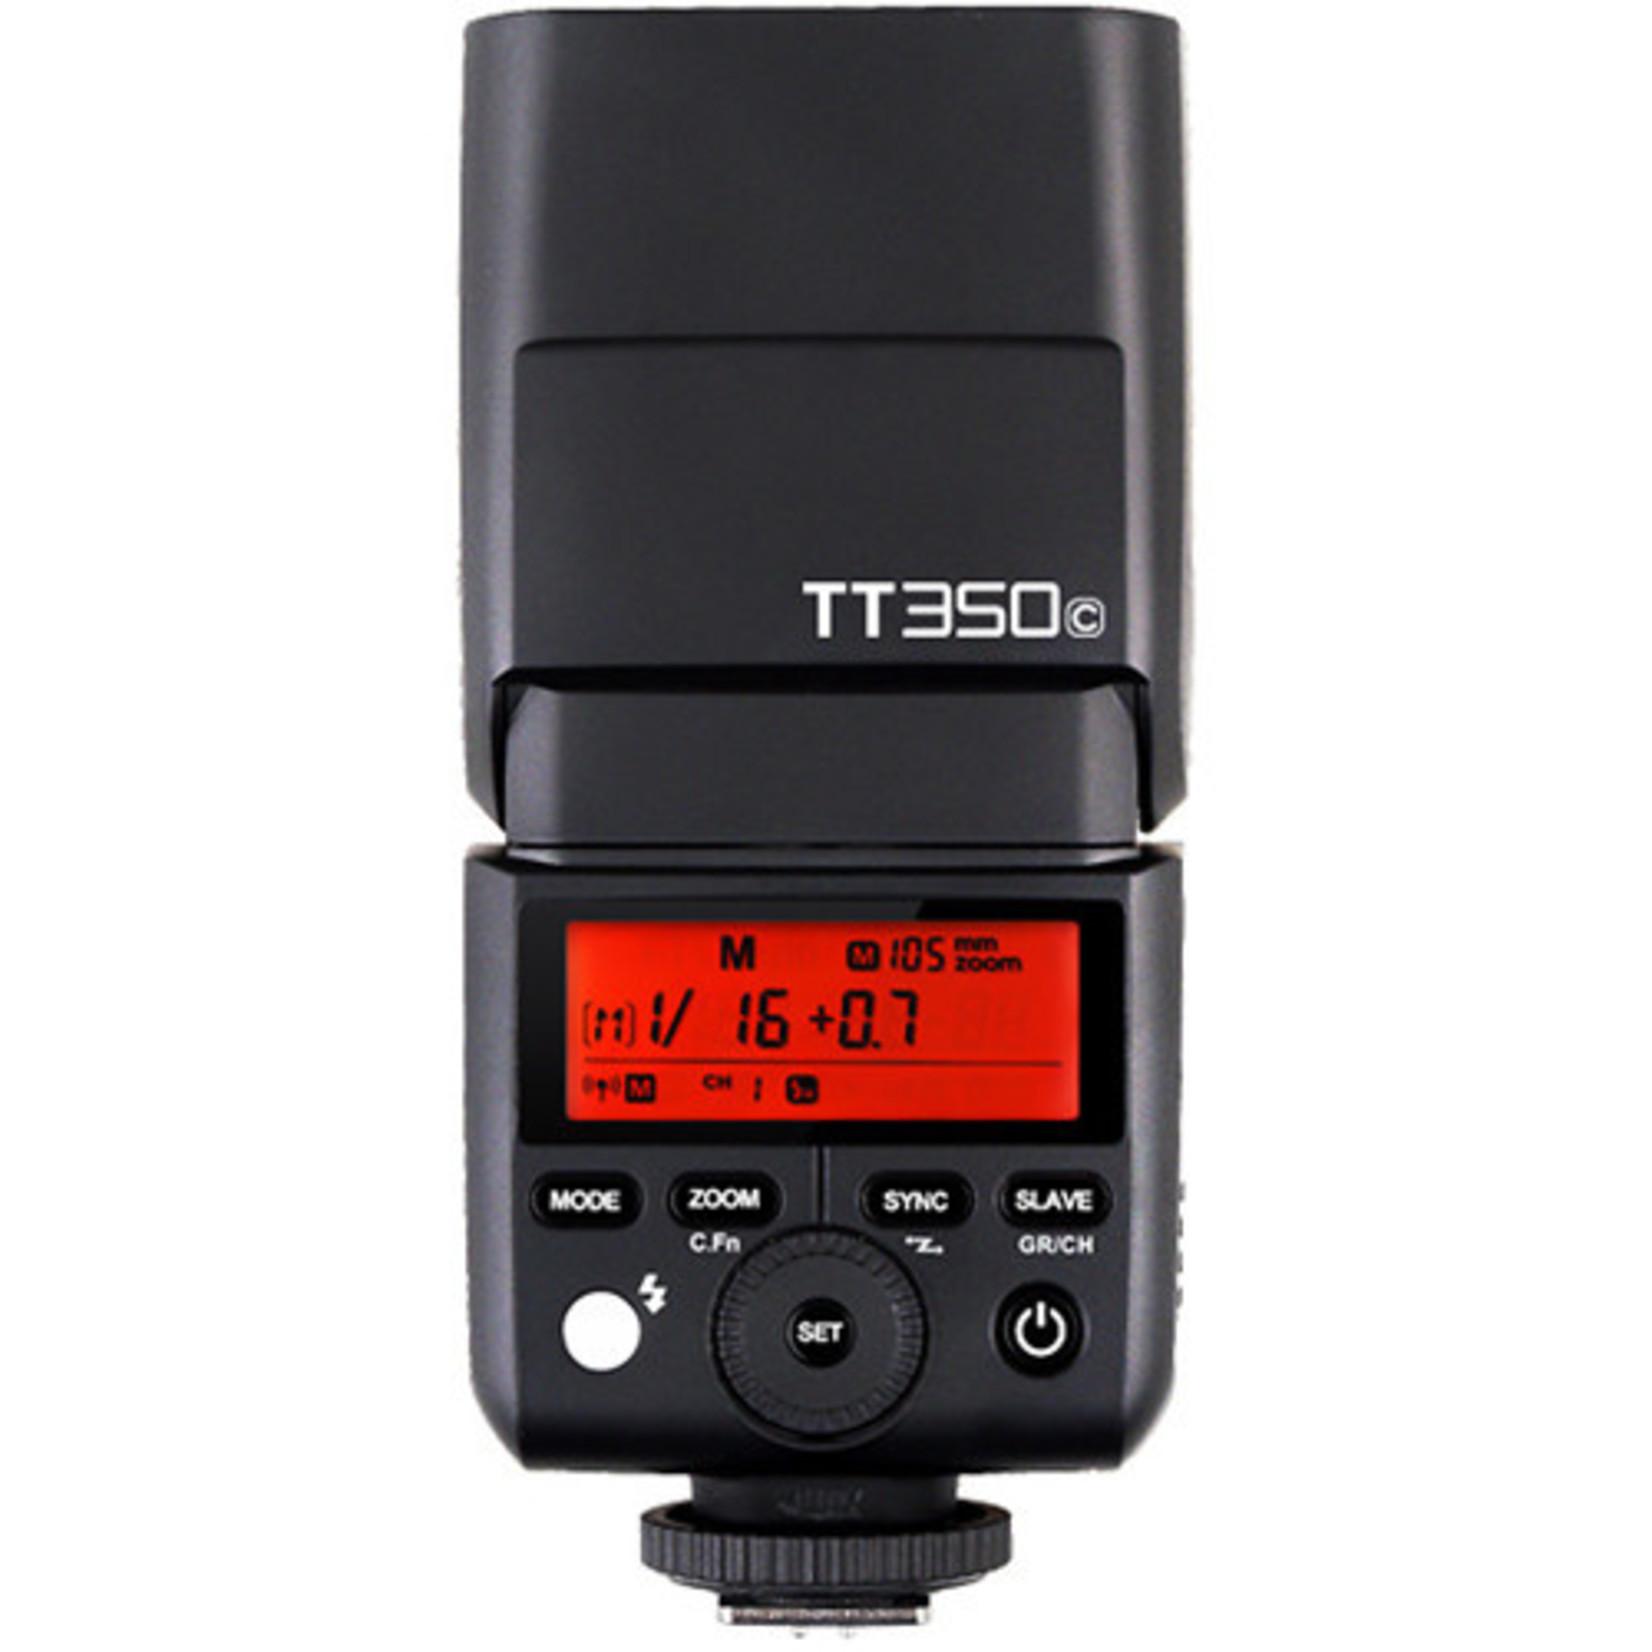 Godox GodoxTT350 Mini Thinklite AA Powered Flash for Sony